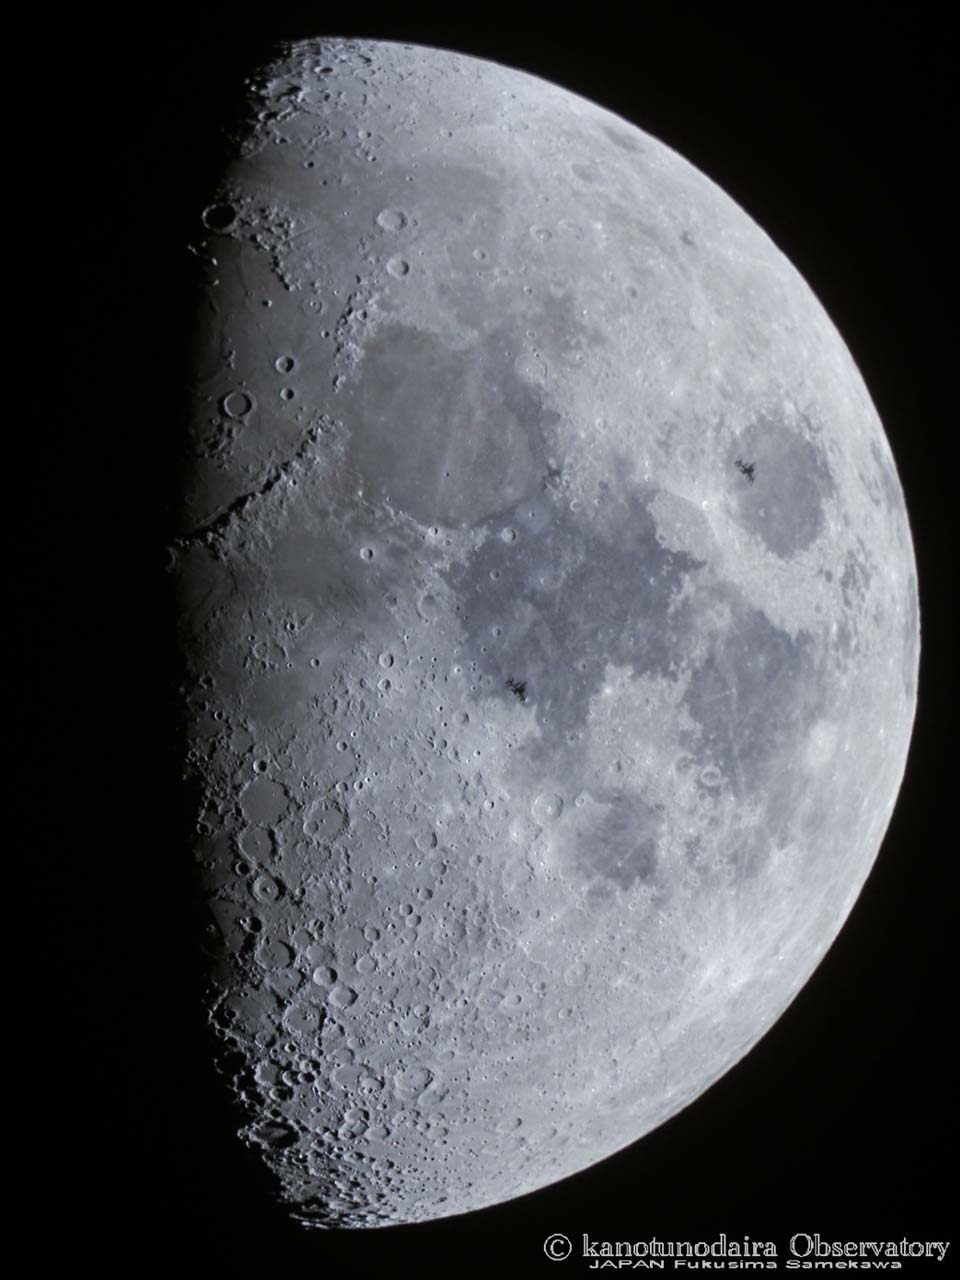 主鏡でISS(国際宇宙ステーション)の月面通過